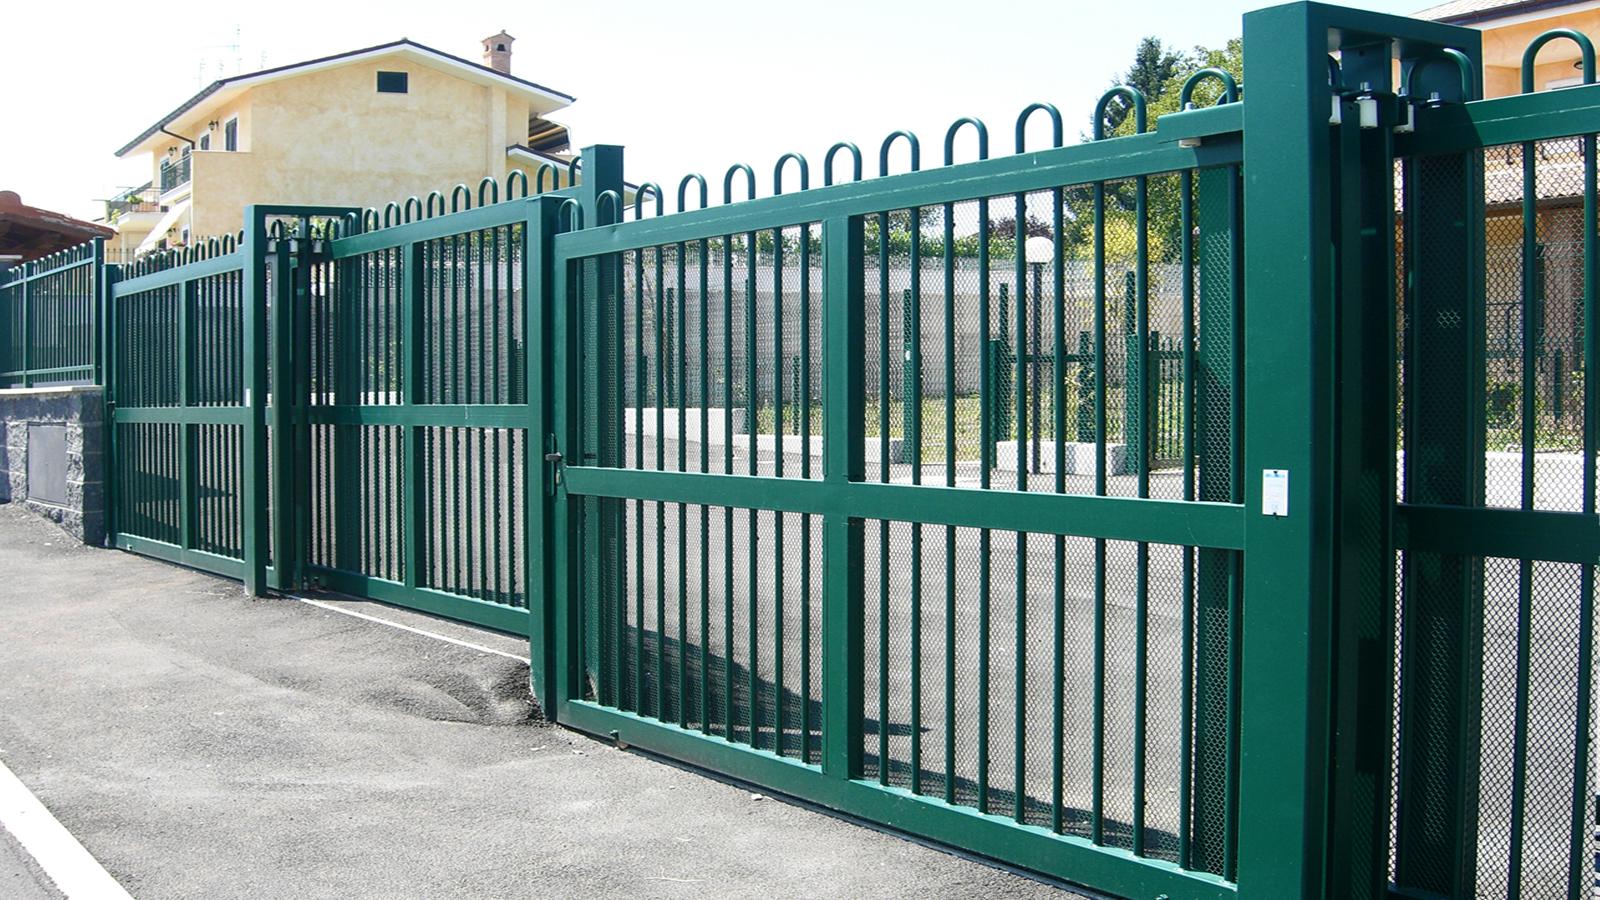 Cancelli e recinzioni - Modello Medusa